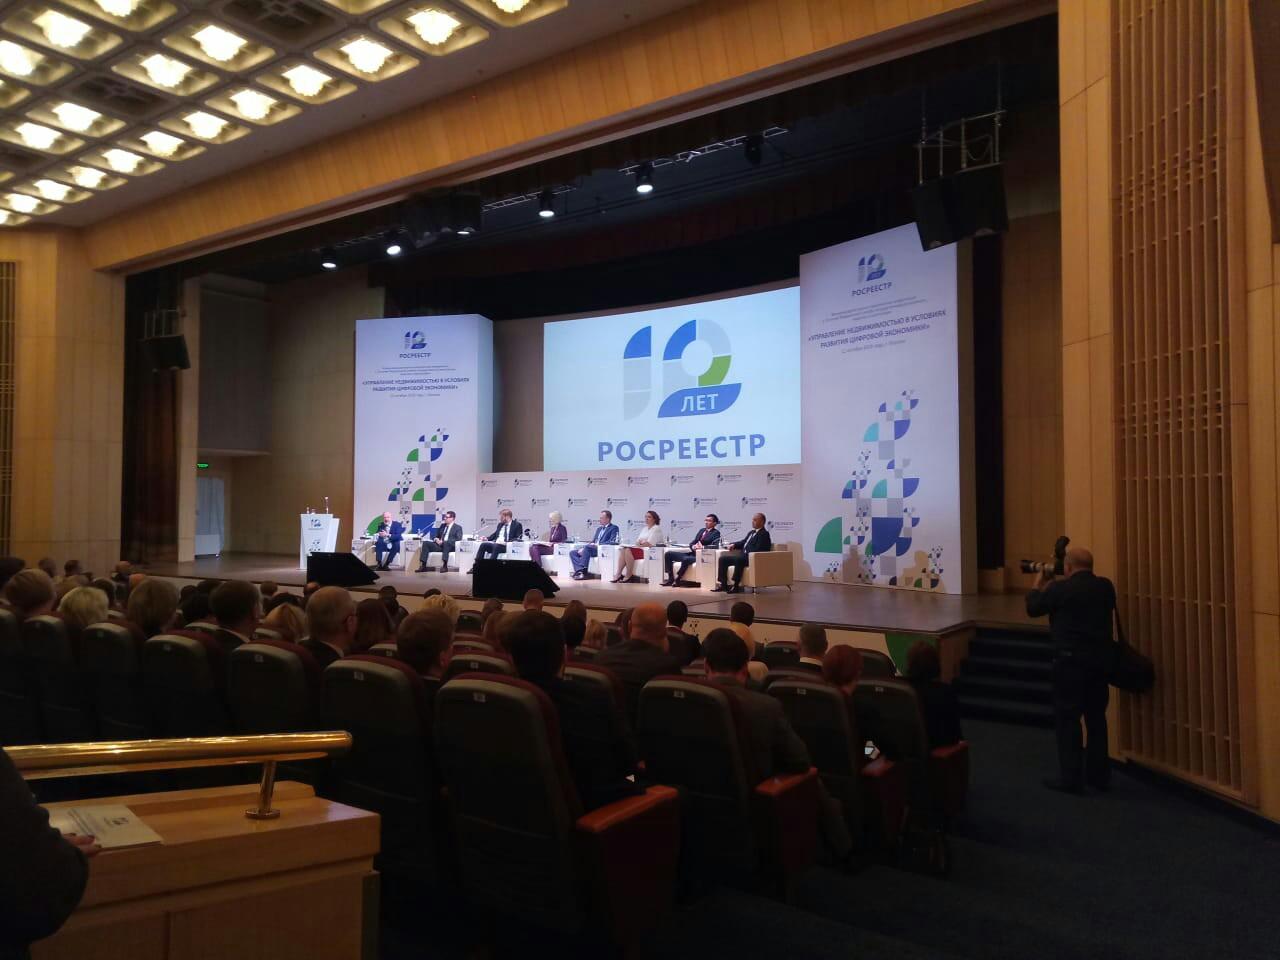 12 октября состоялась Международная научно-практическая конференция «Управление недвижимостью в условиях развития цифровой экономики»